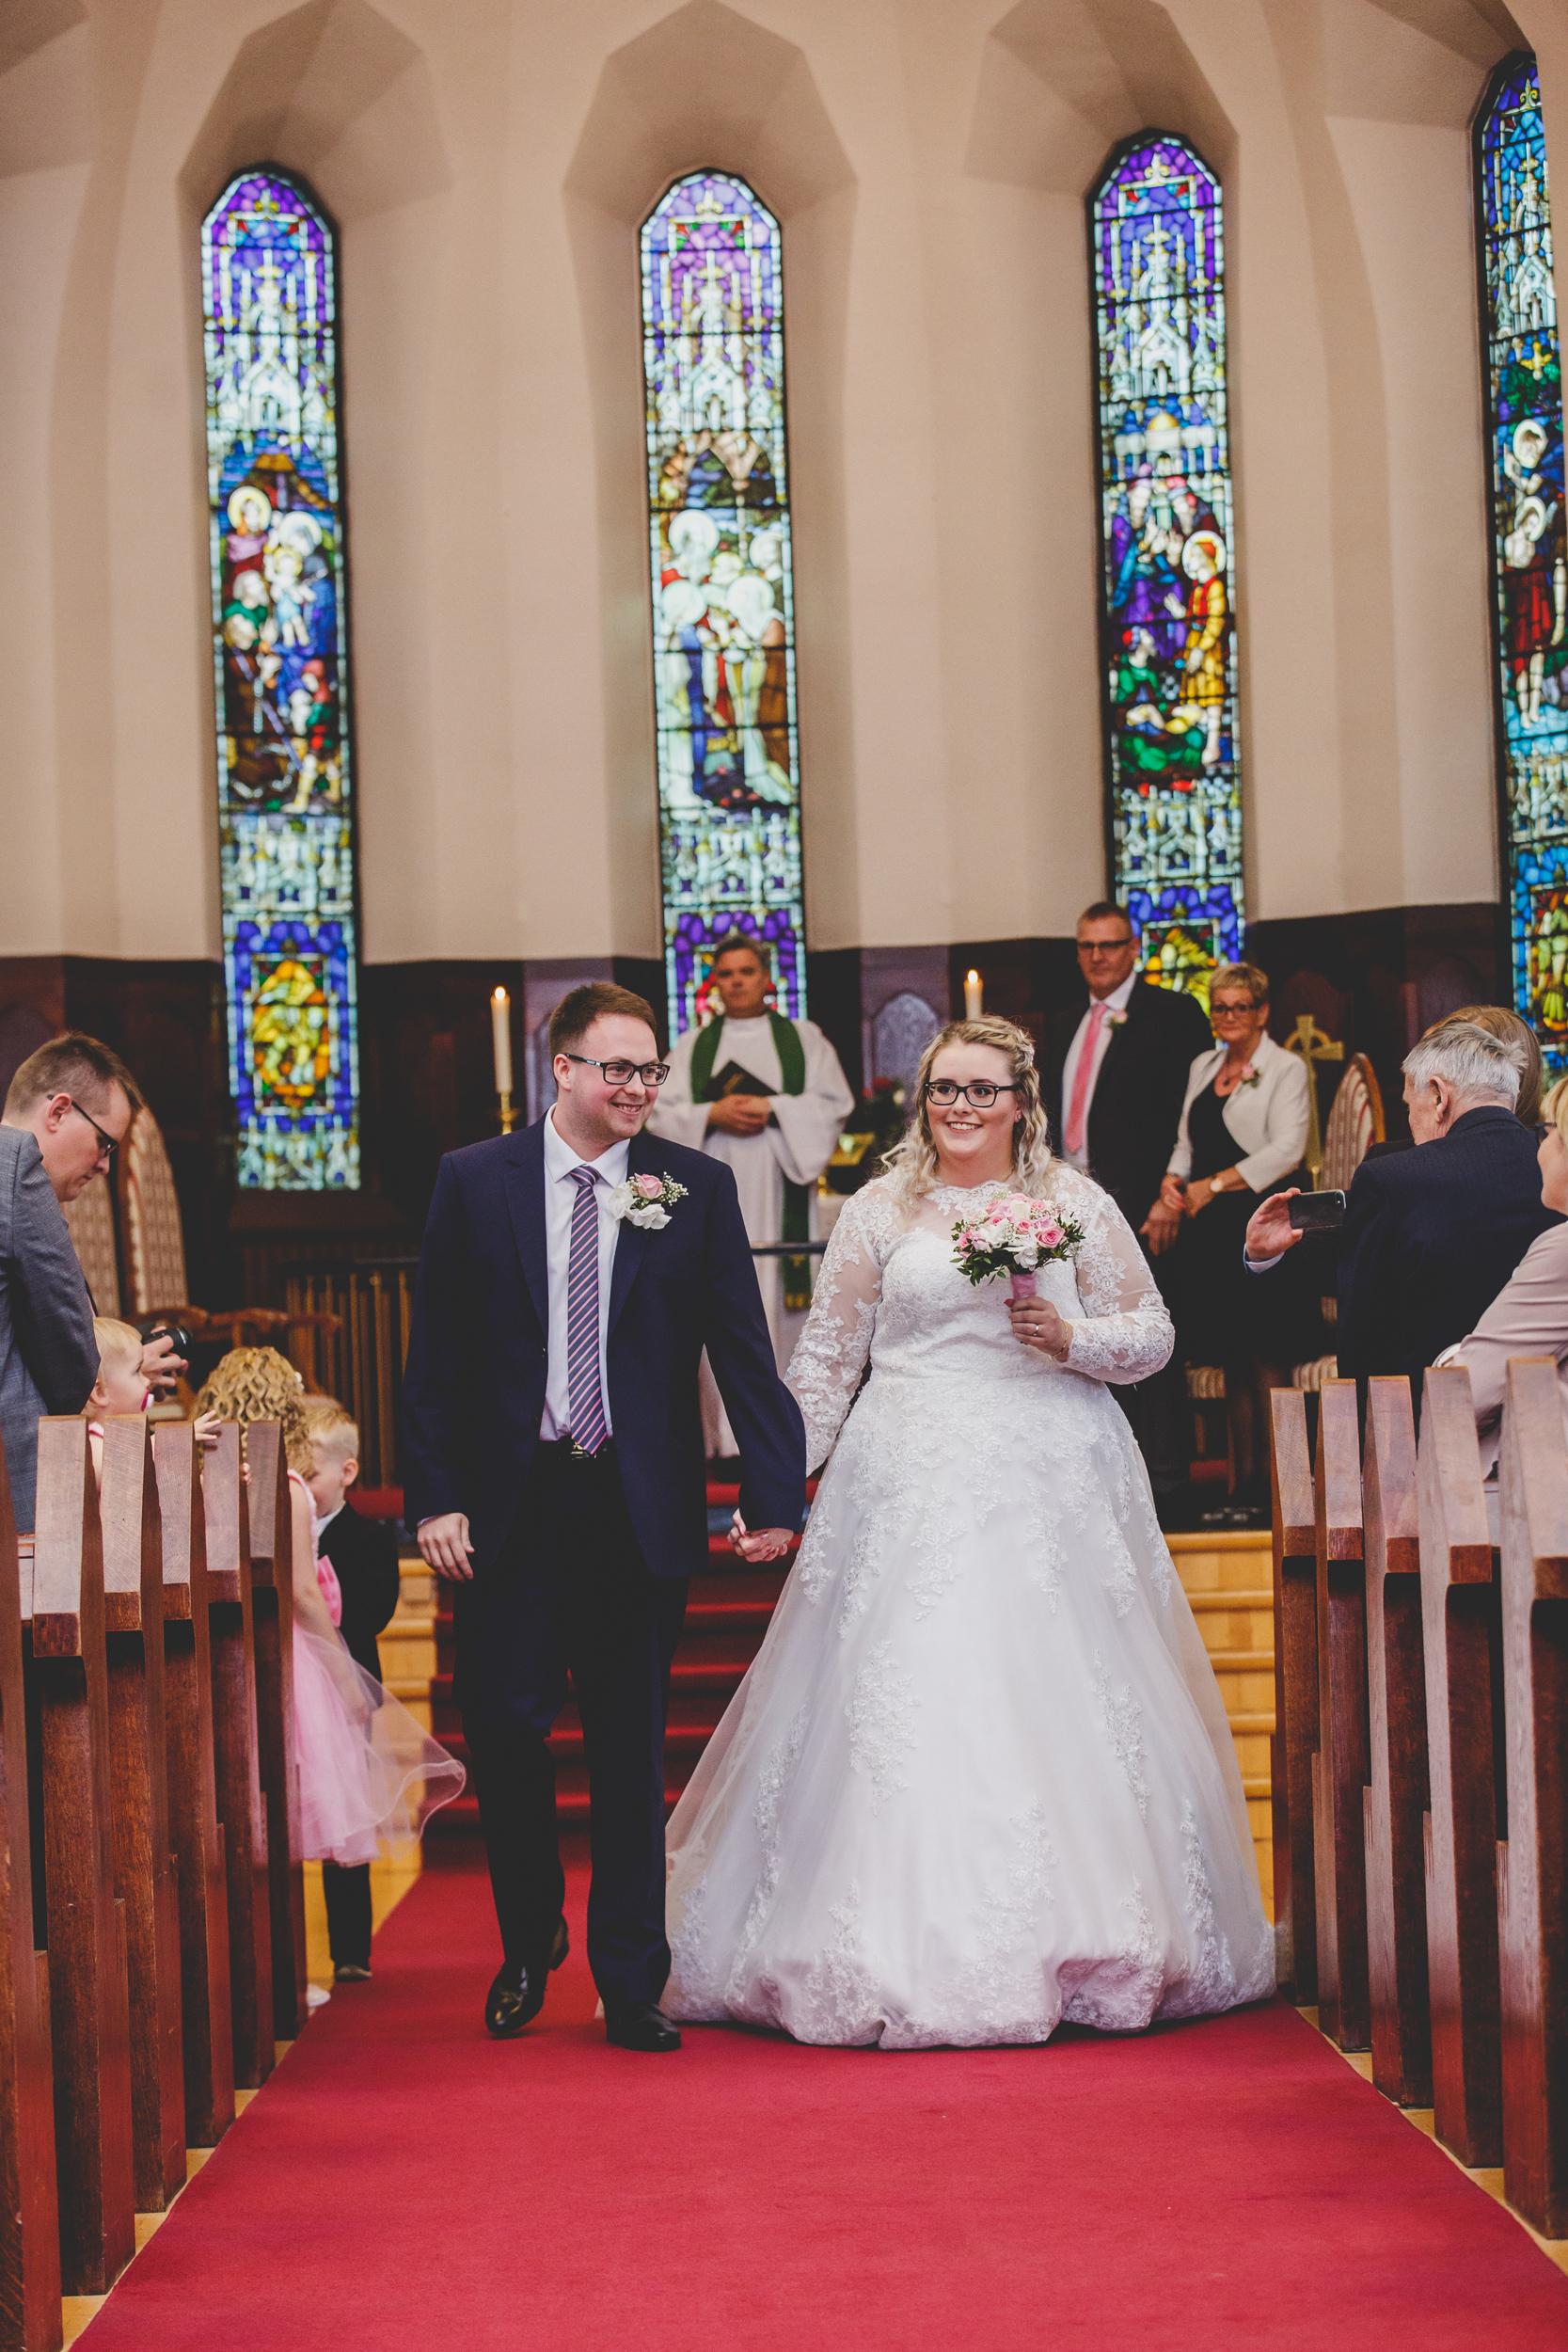 Brudkaup01-067.jpg